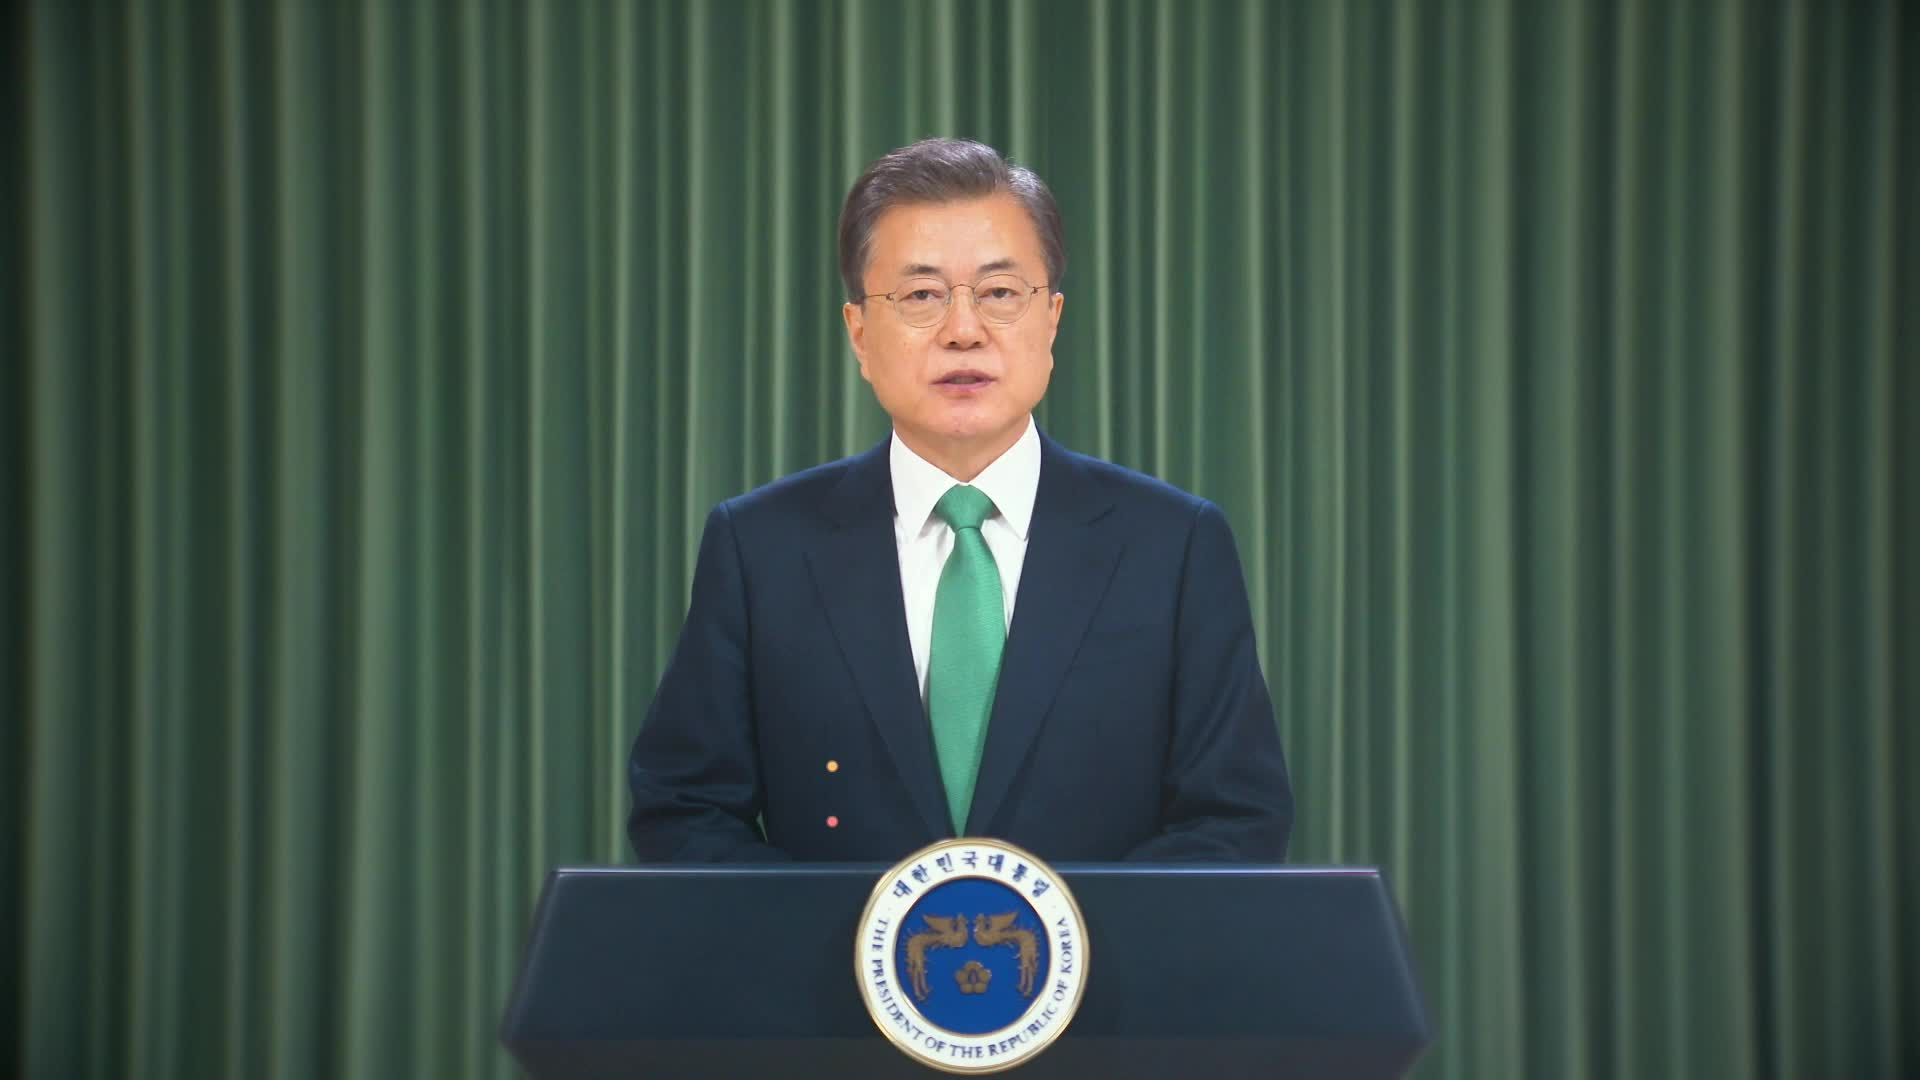 문재인 대통령 오마이뉴스 창간 20주년 축하 동영상